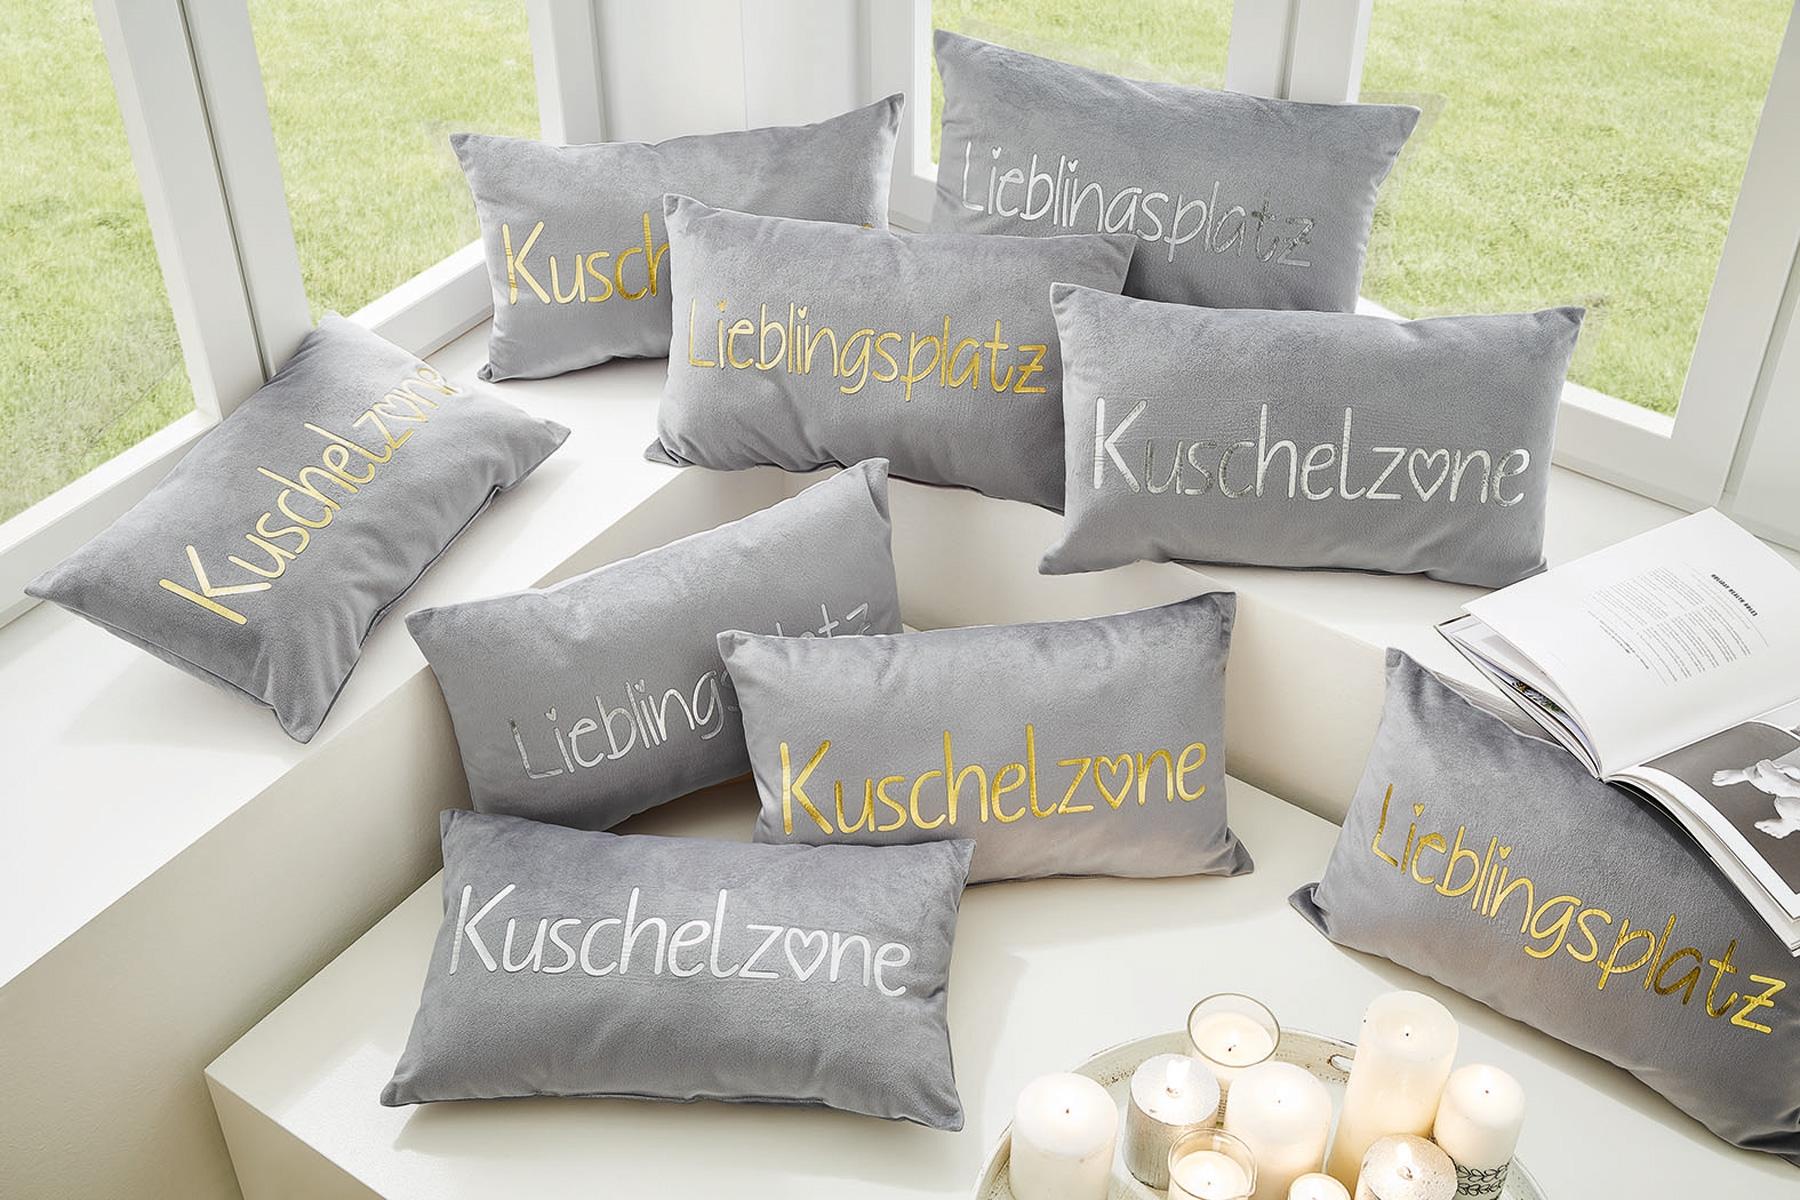 Wohndecken und Kissen - Sun Garden Dekokissen Kuschelkissen Samt Optik Kuschelzone 30x50 cm incl. Füllung  - Onlineshop PremiumShop321